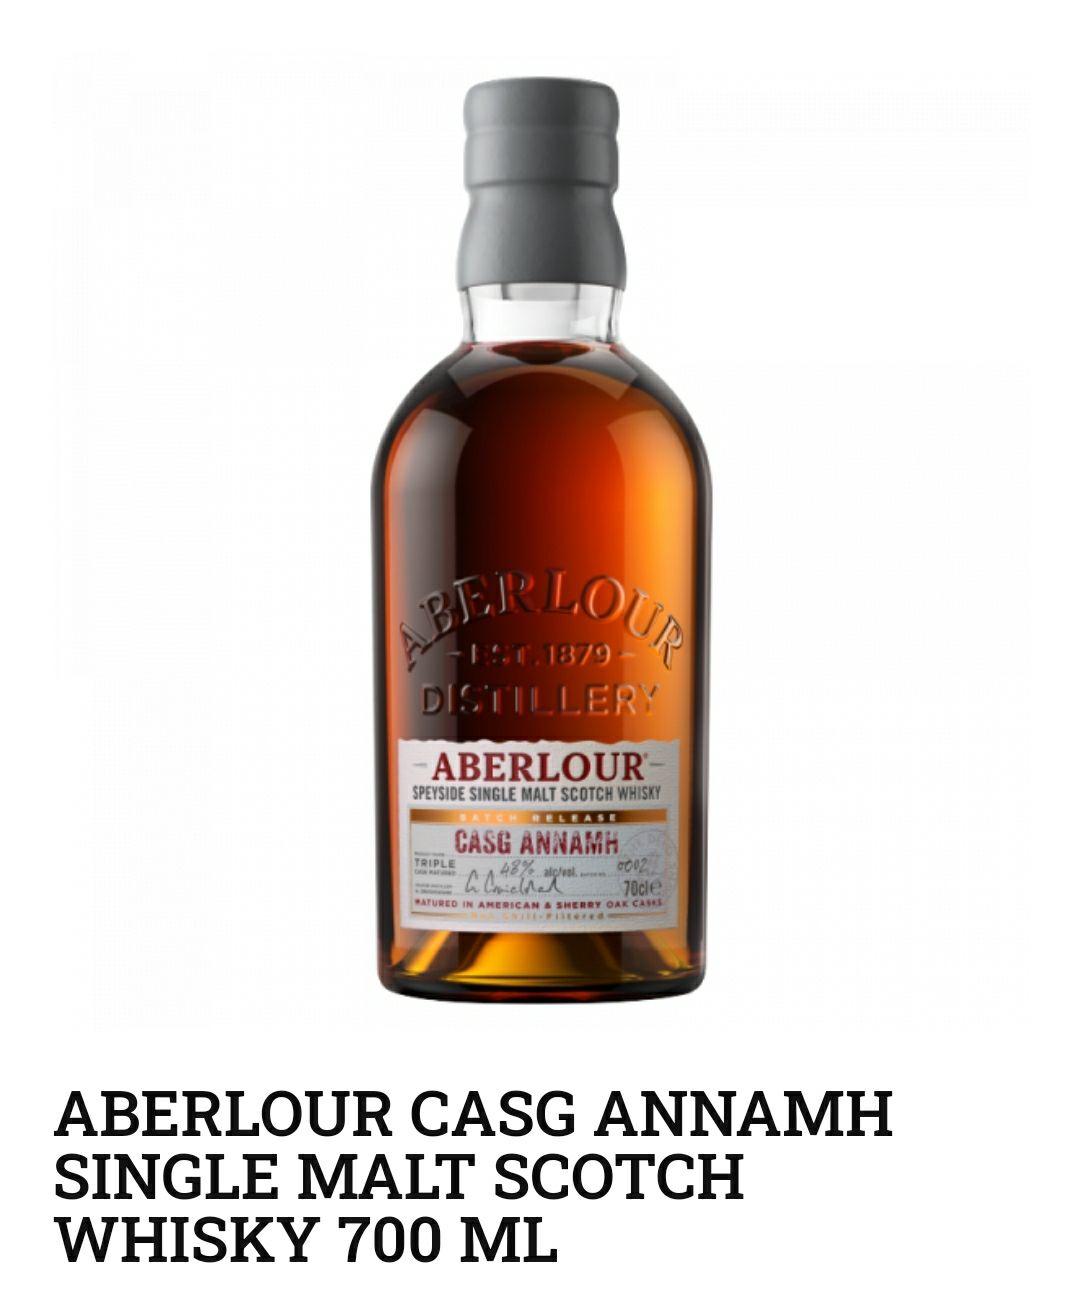 Whisky Aberlour Casg Annamh